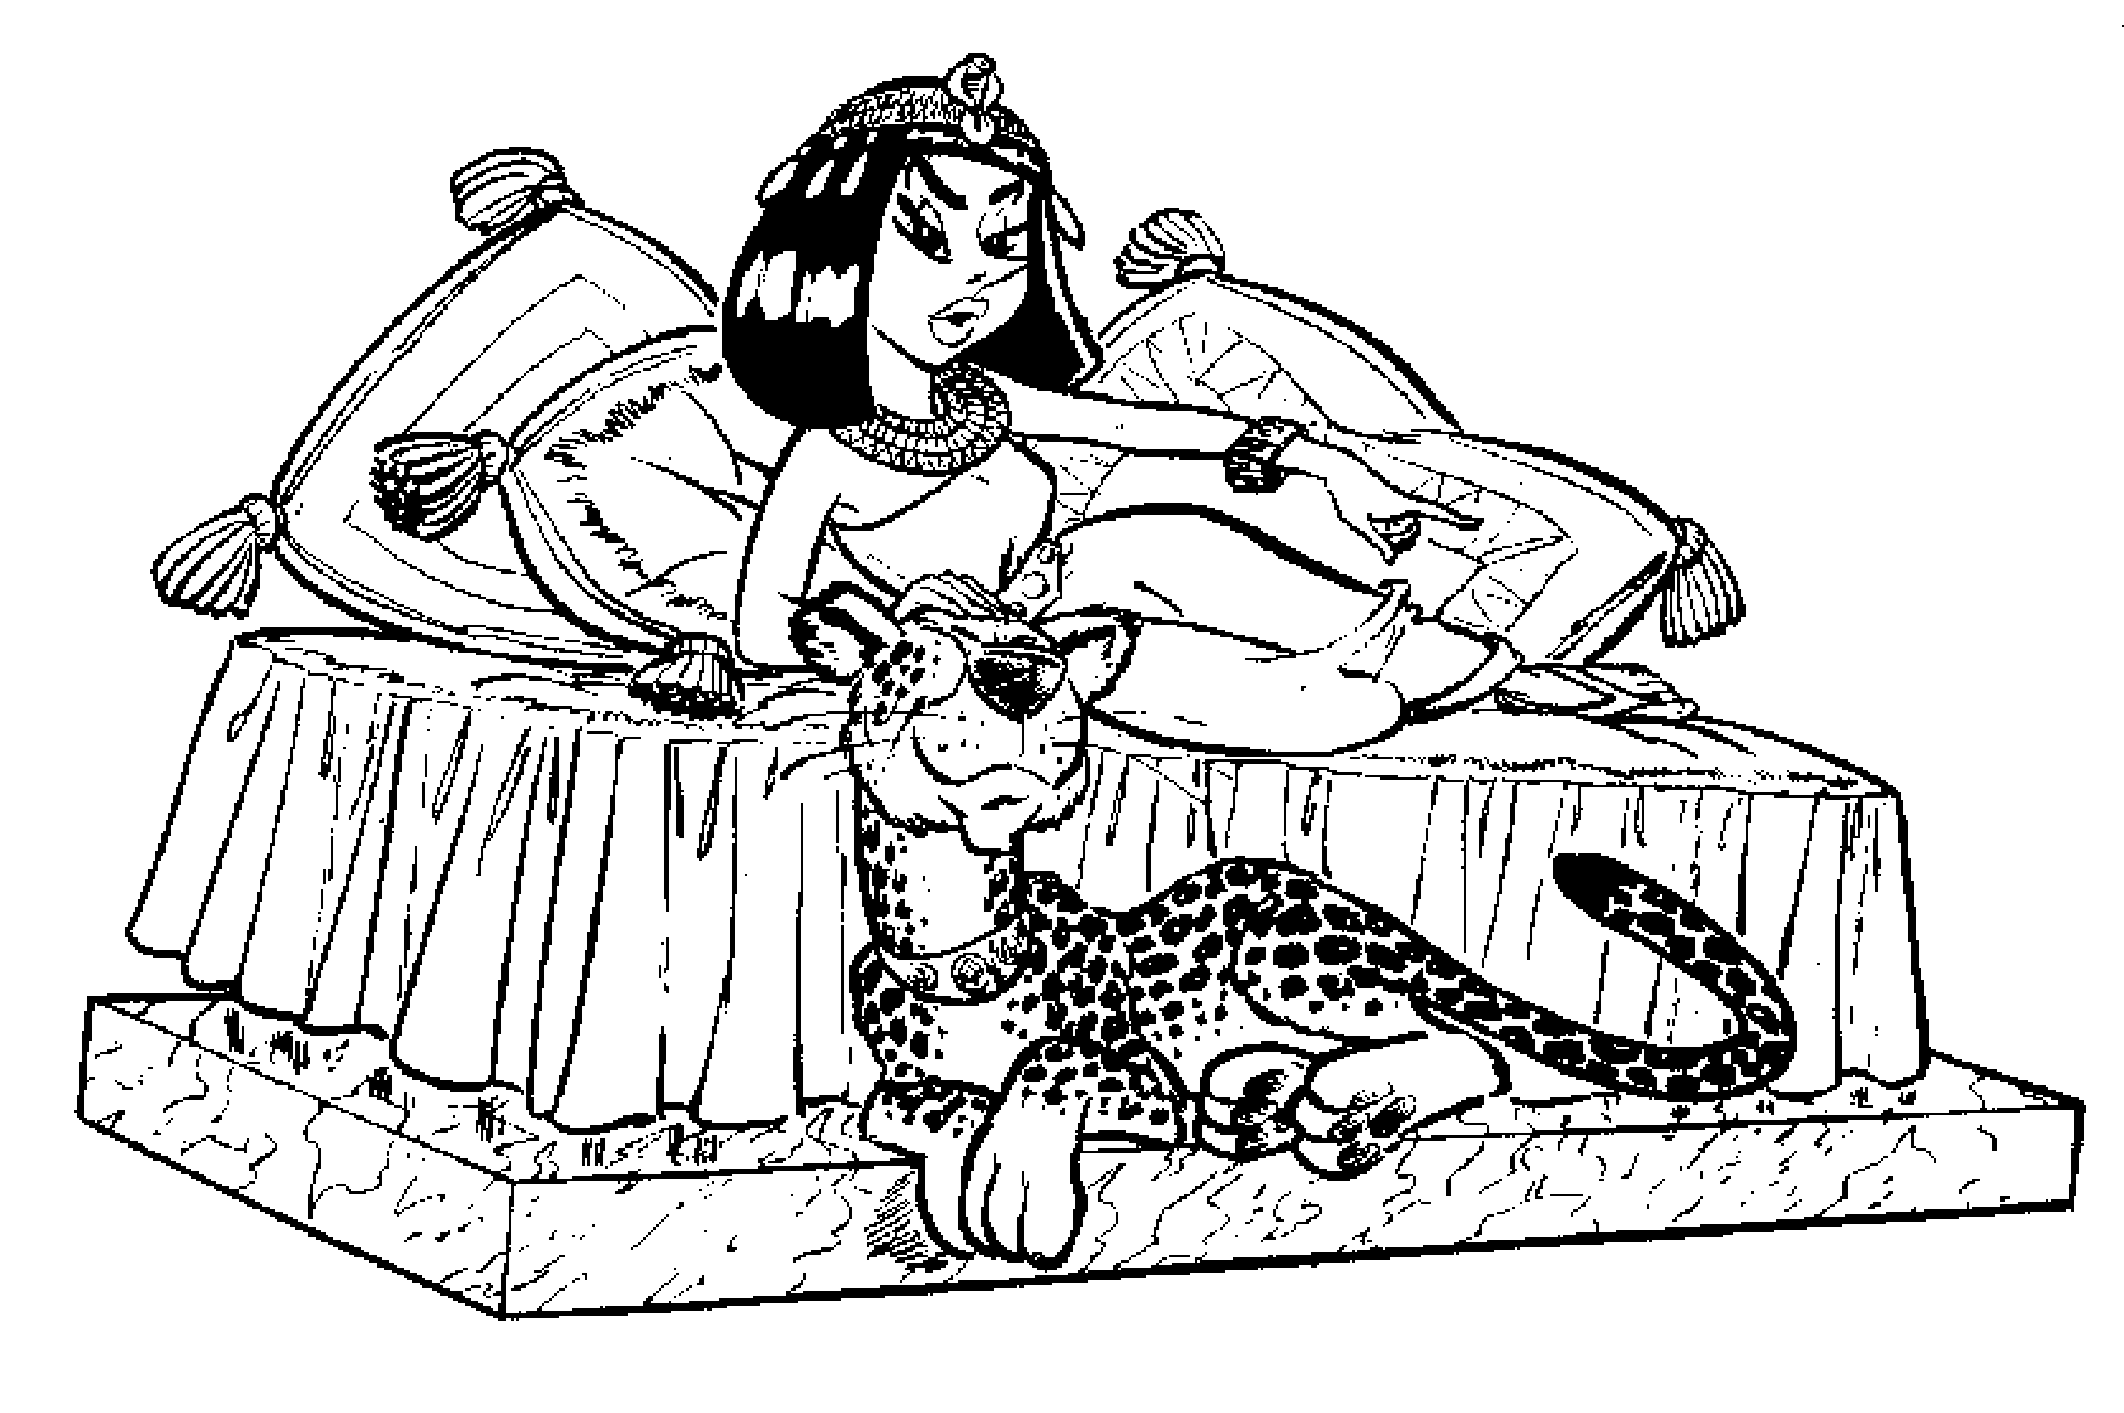 Coloriage Asterix et Obelix #24380 (Dessins Animés) - Album de coloriages